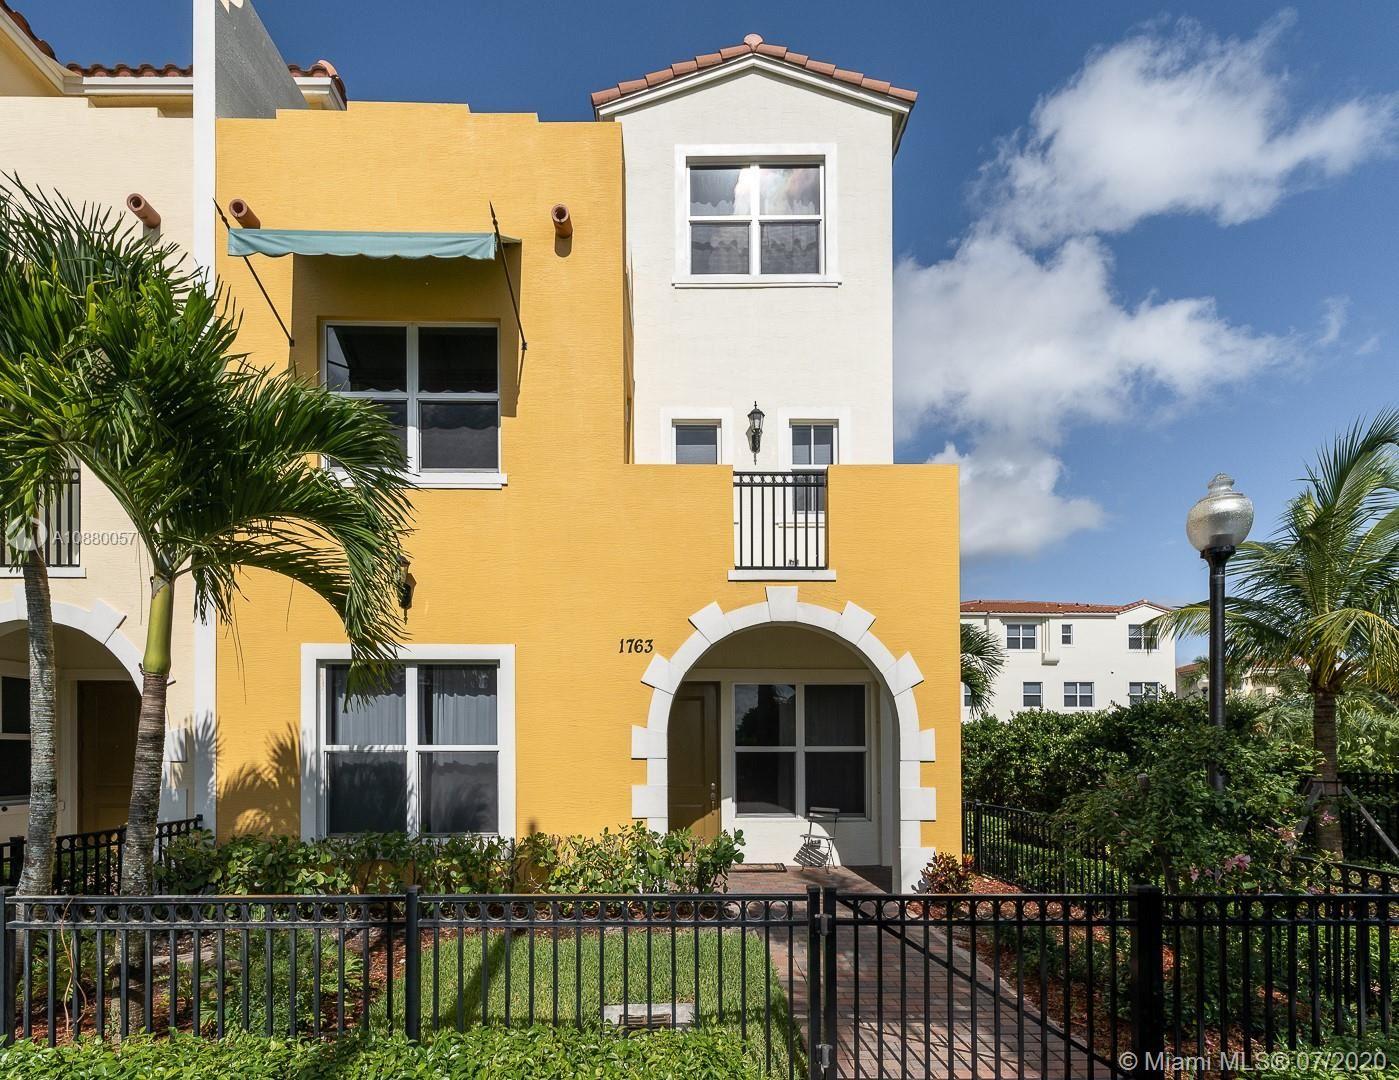 1763 NW 124th Way, Pembroke Pines, FL 33028 - #: A10880057